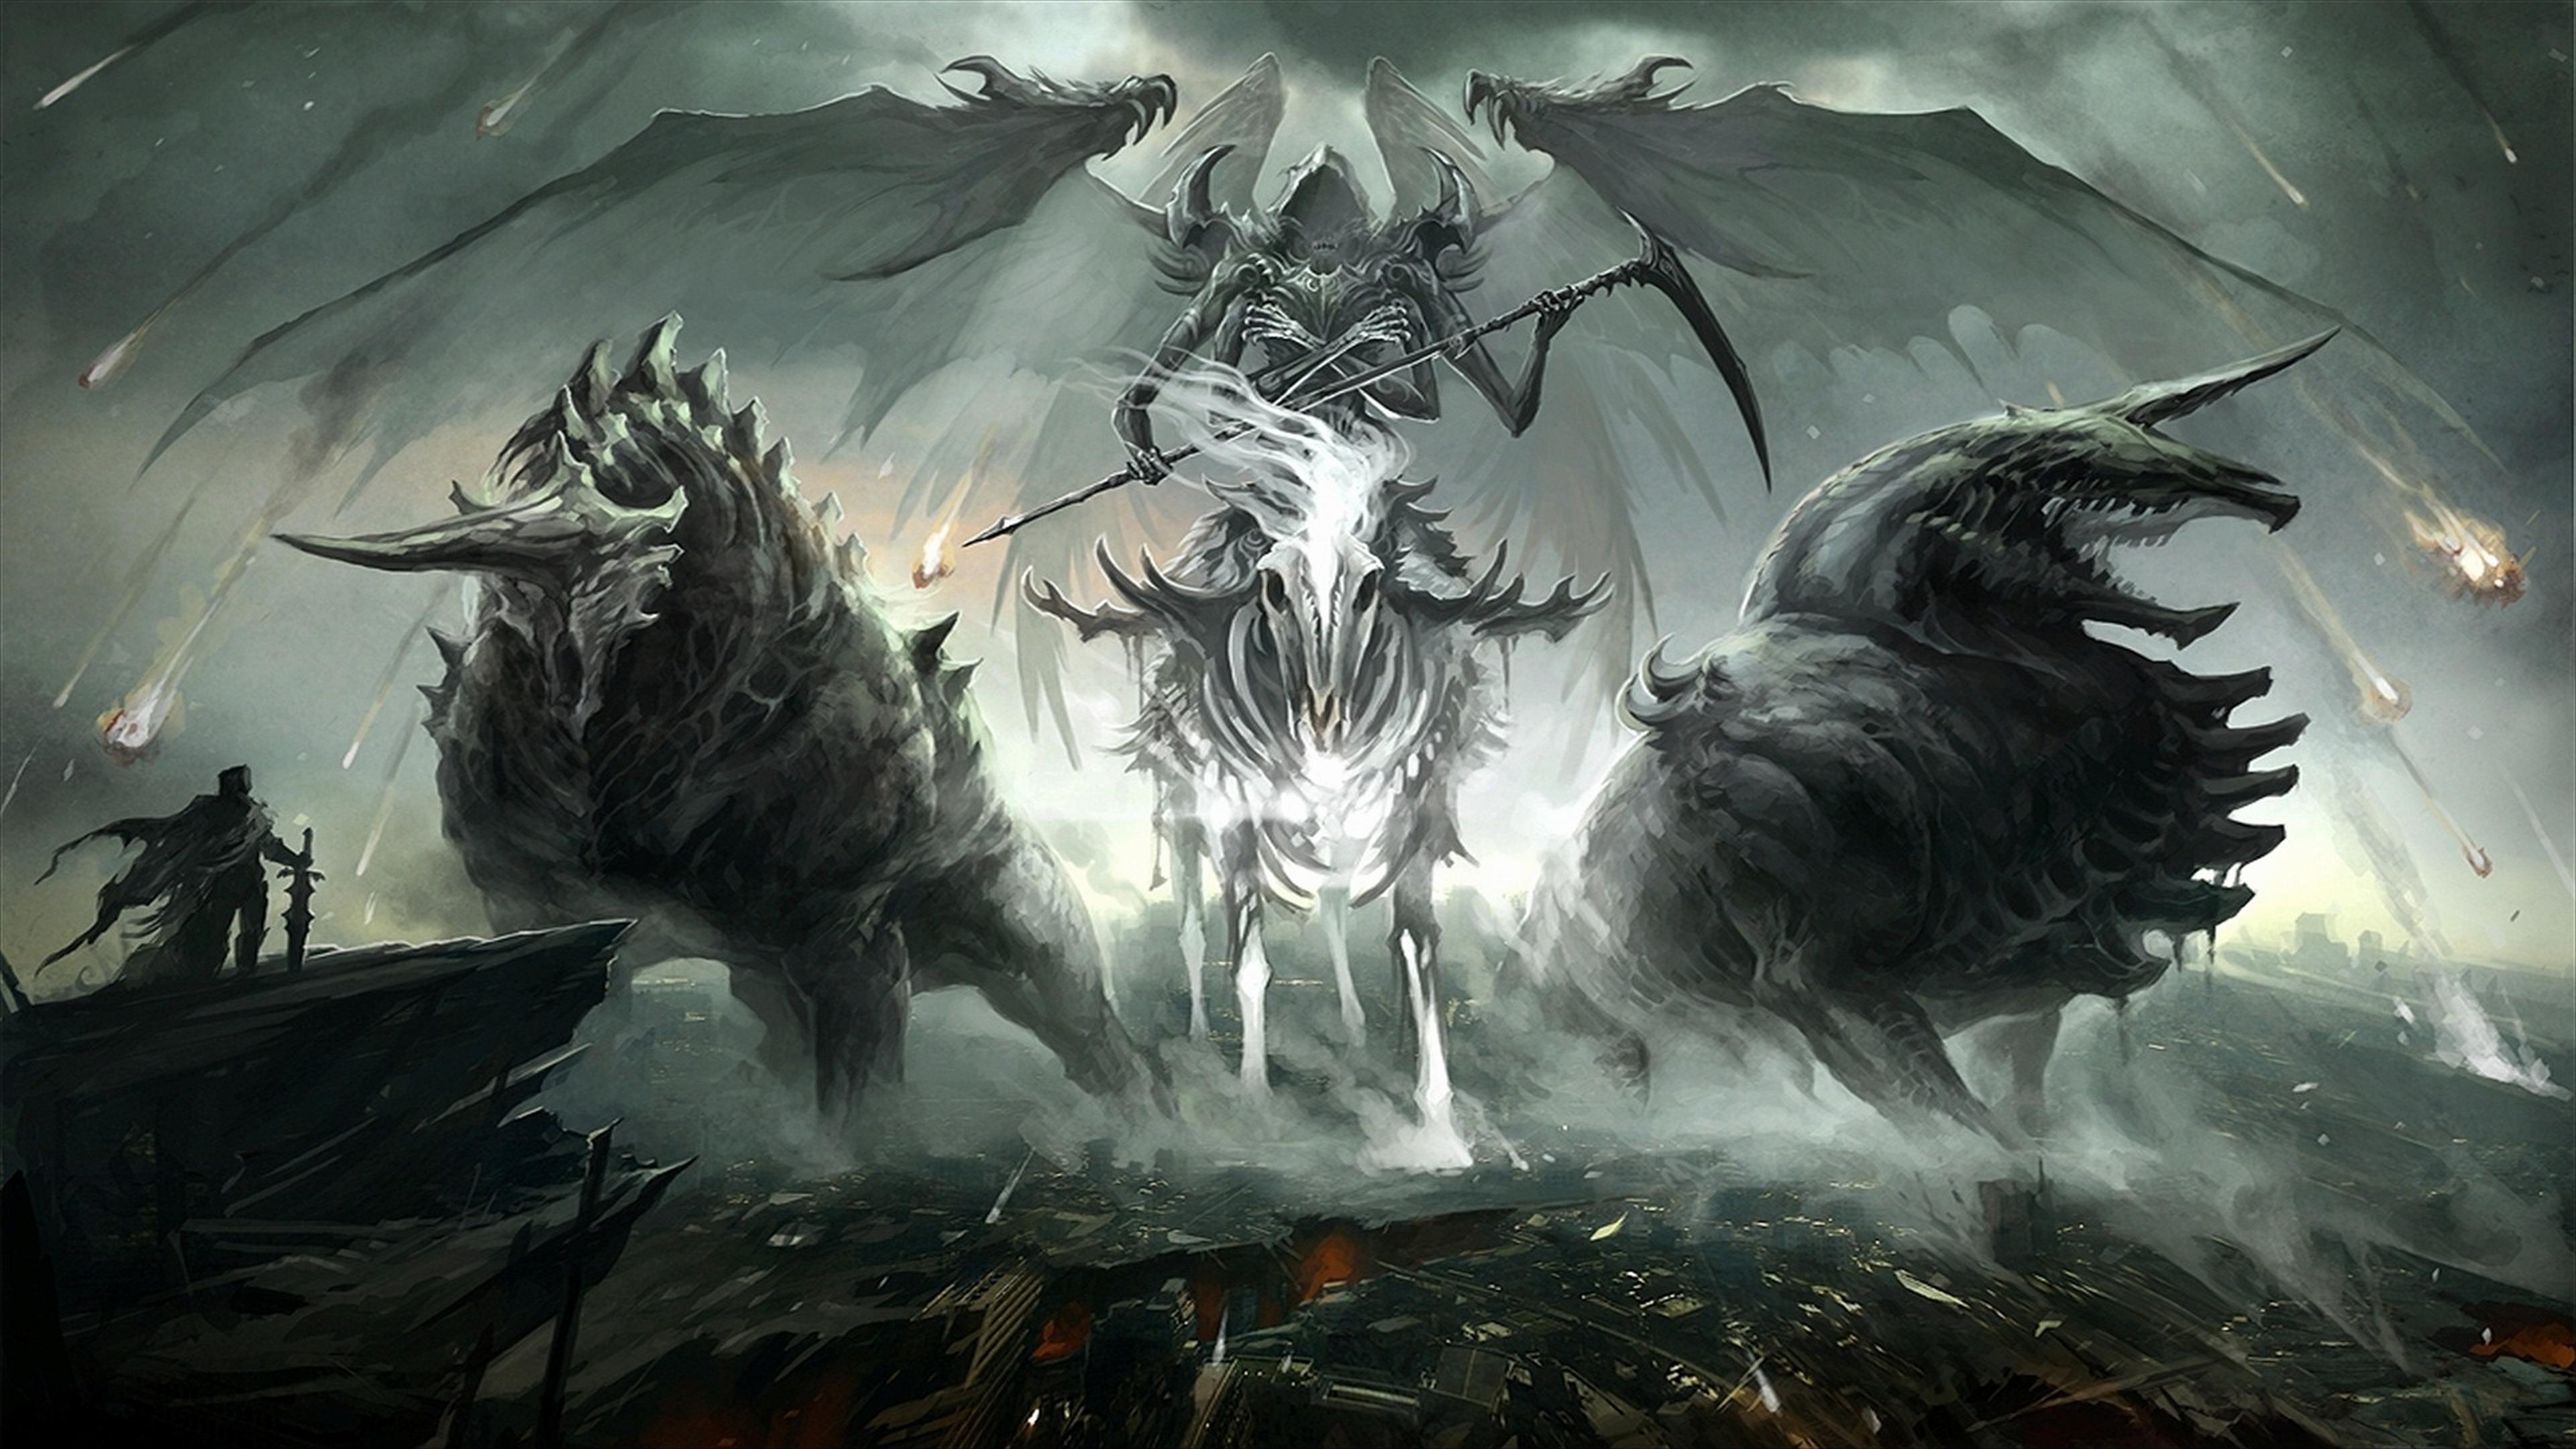 Grim Reaper Computer Wallpapers Desktop Backgrounds 3840x2160 ID 3840x2160